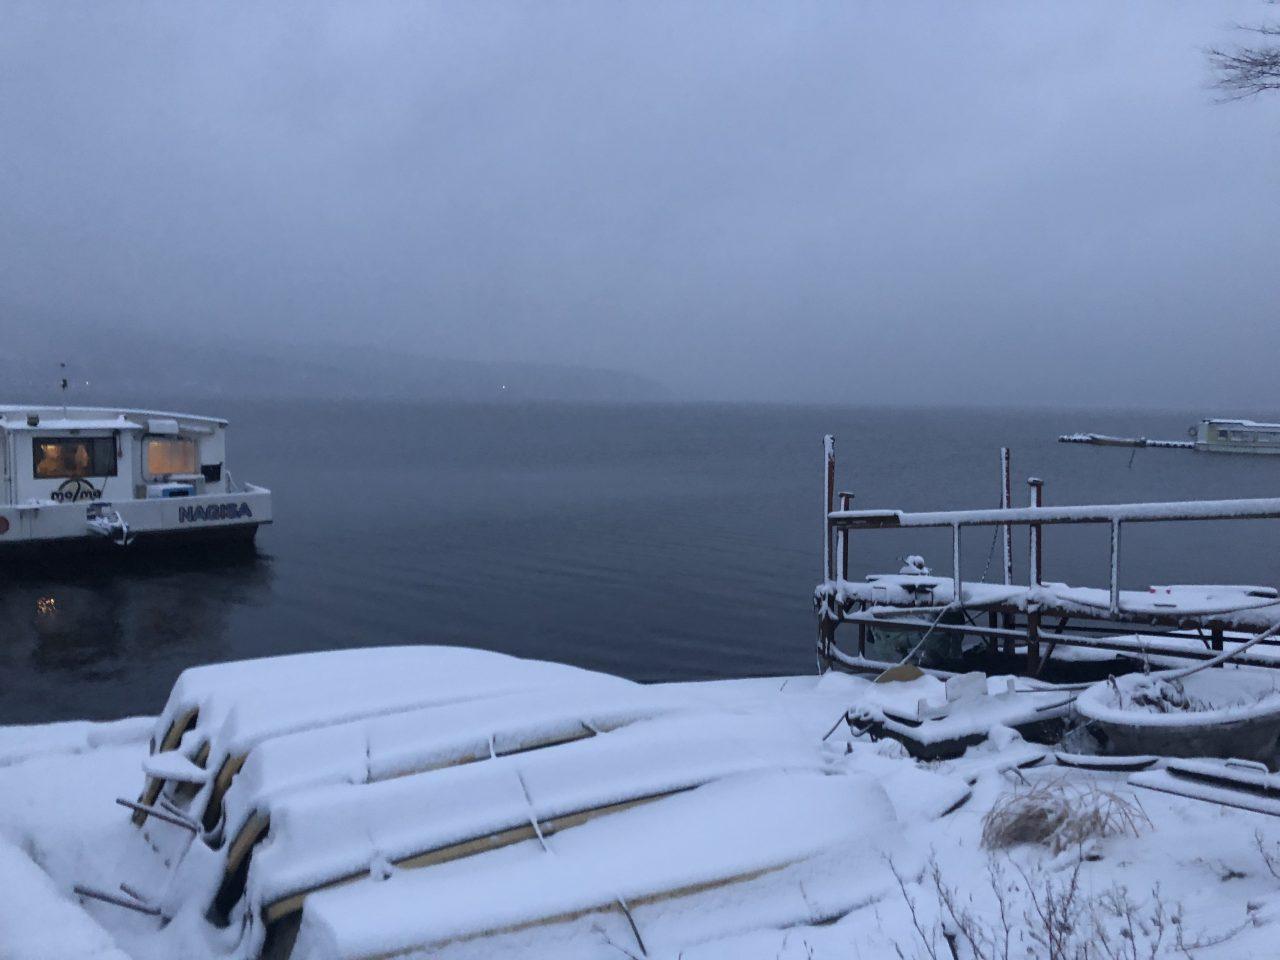 雪の降り積もる山中湖でドーム船に乗る